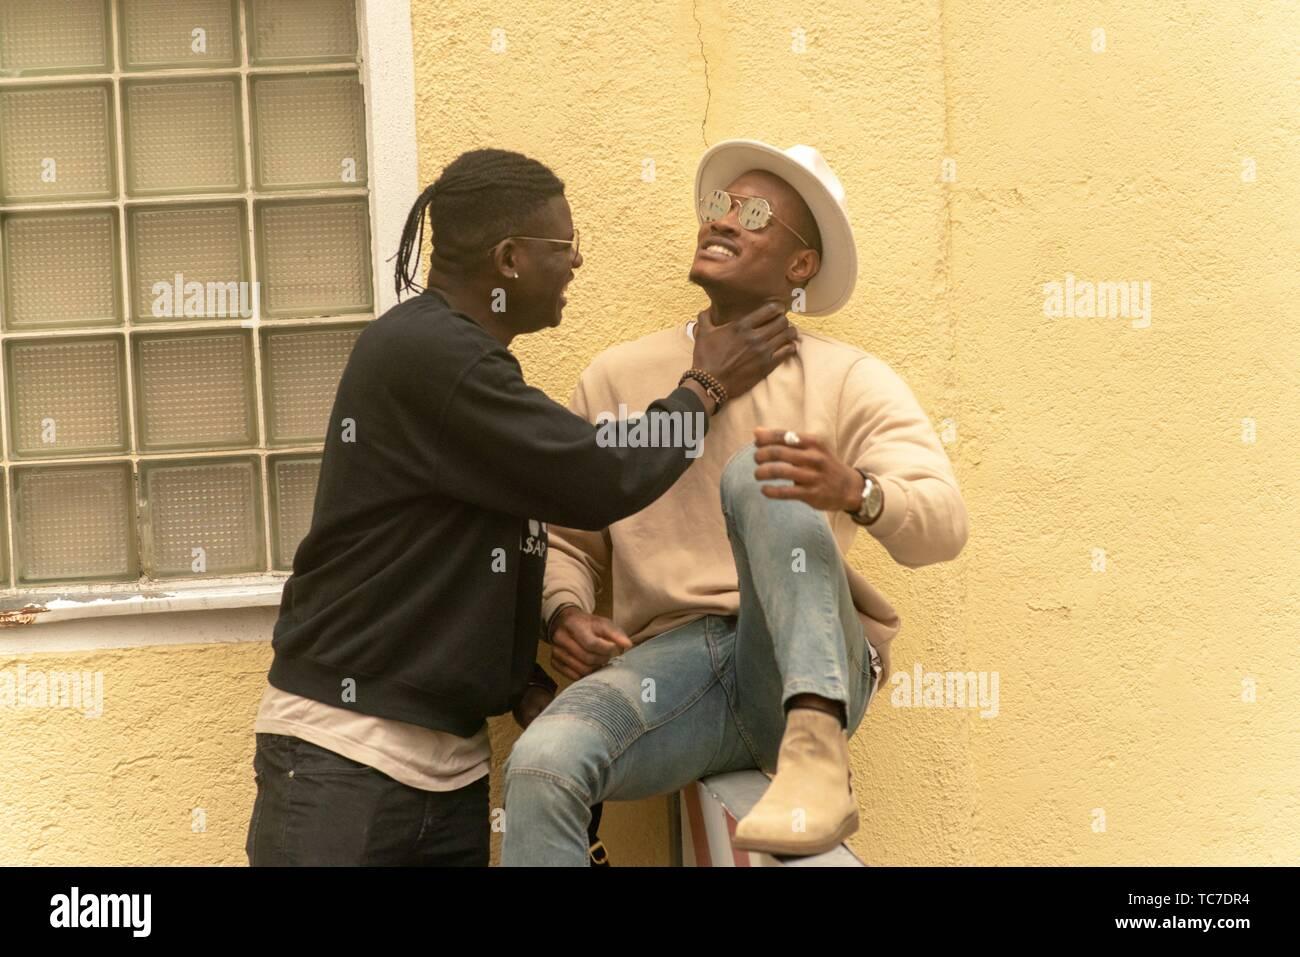 man choking friend, playing, funny, joking, Munich, Germany. - Stock Image